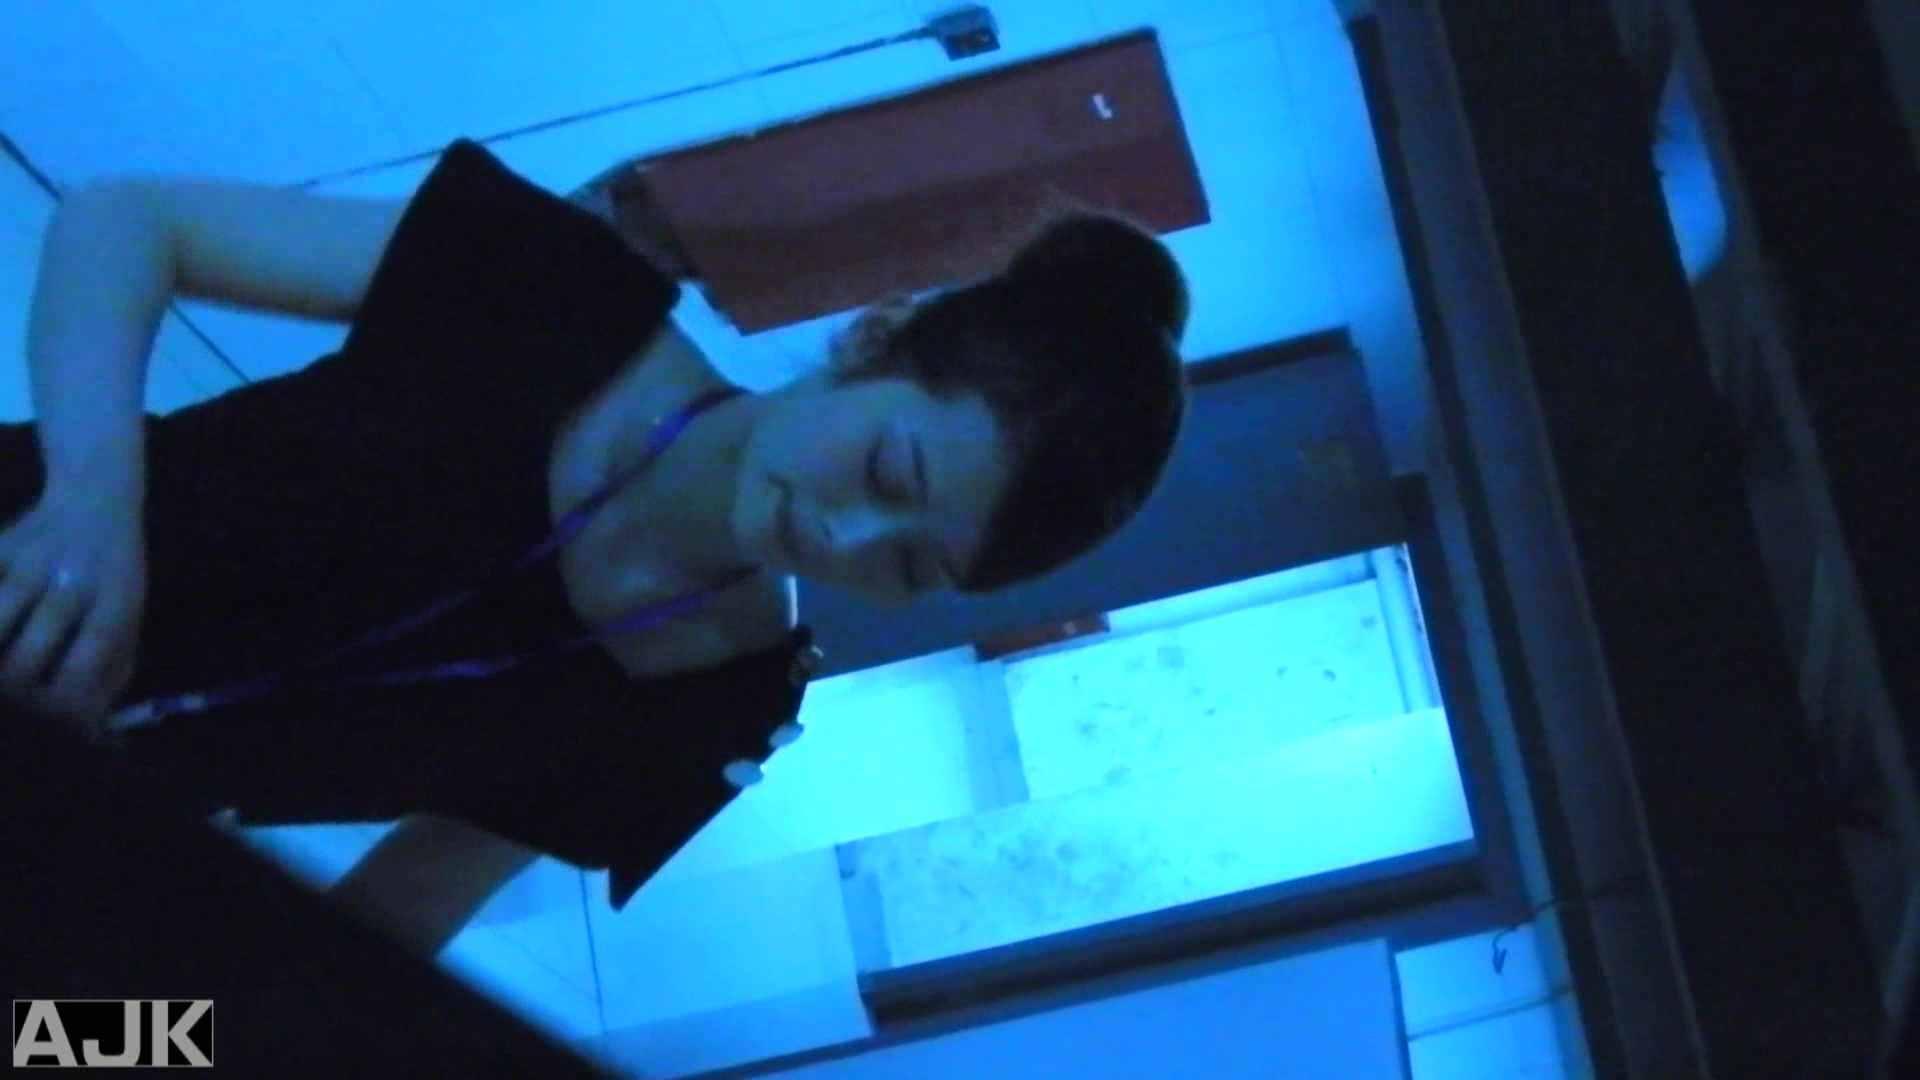 神降臨!史上最強の潜入かわや! vol.23 美しいOLの裸体 オメコ無修正動画無料 96pic 65